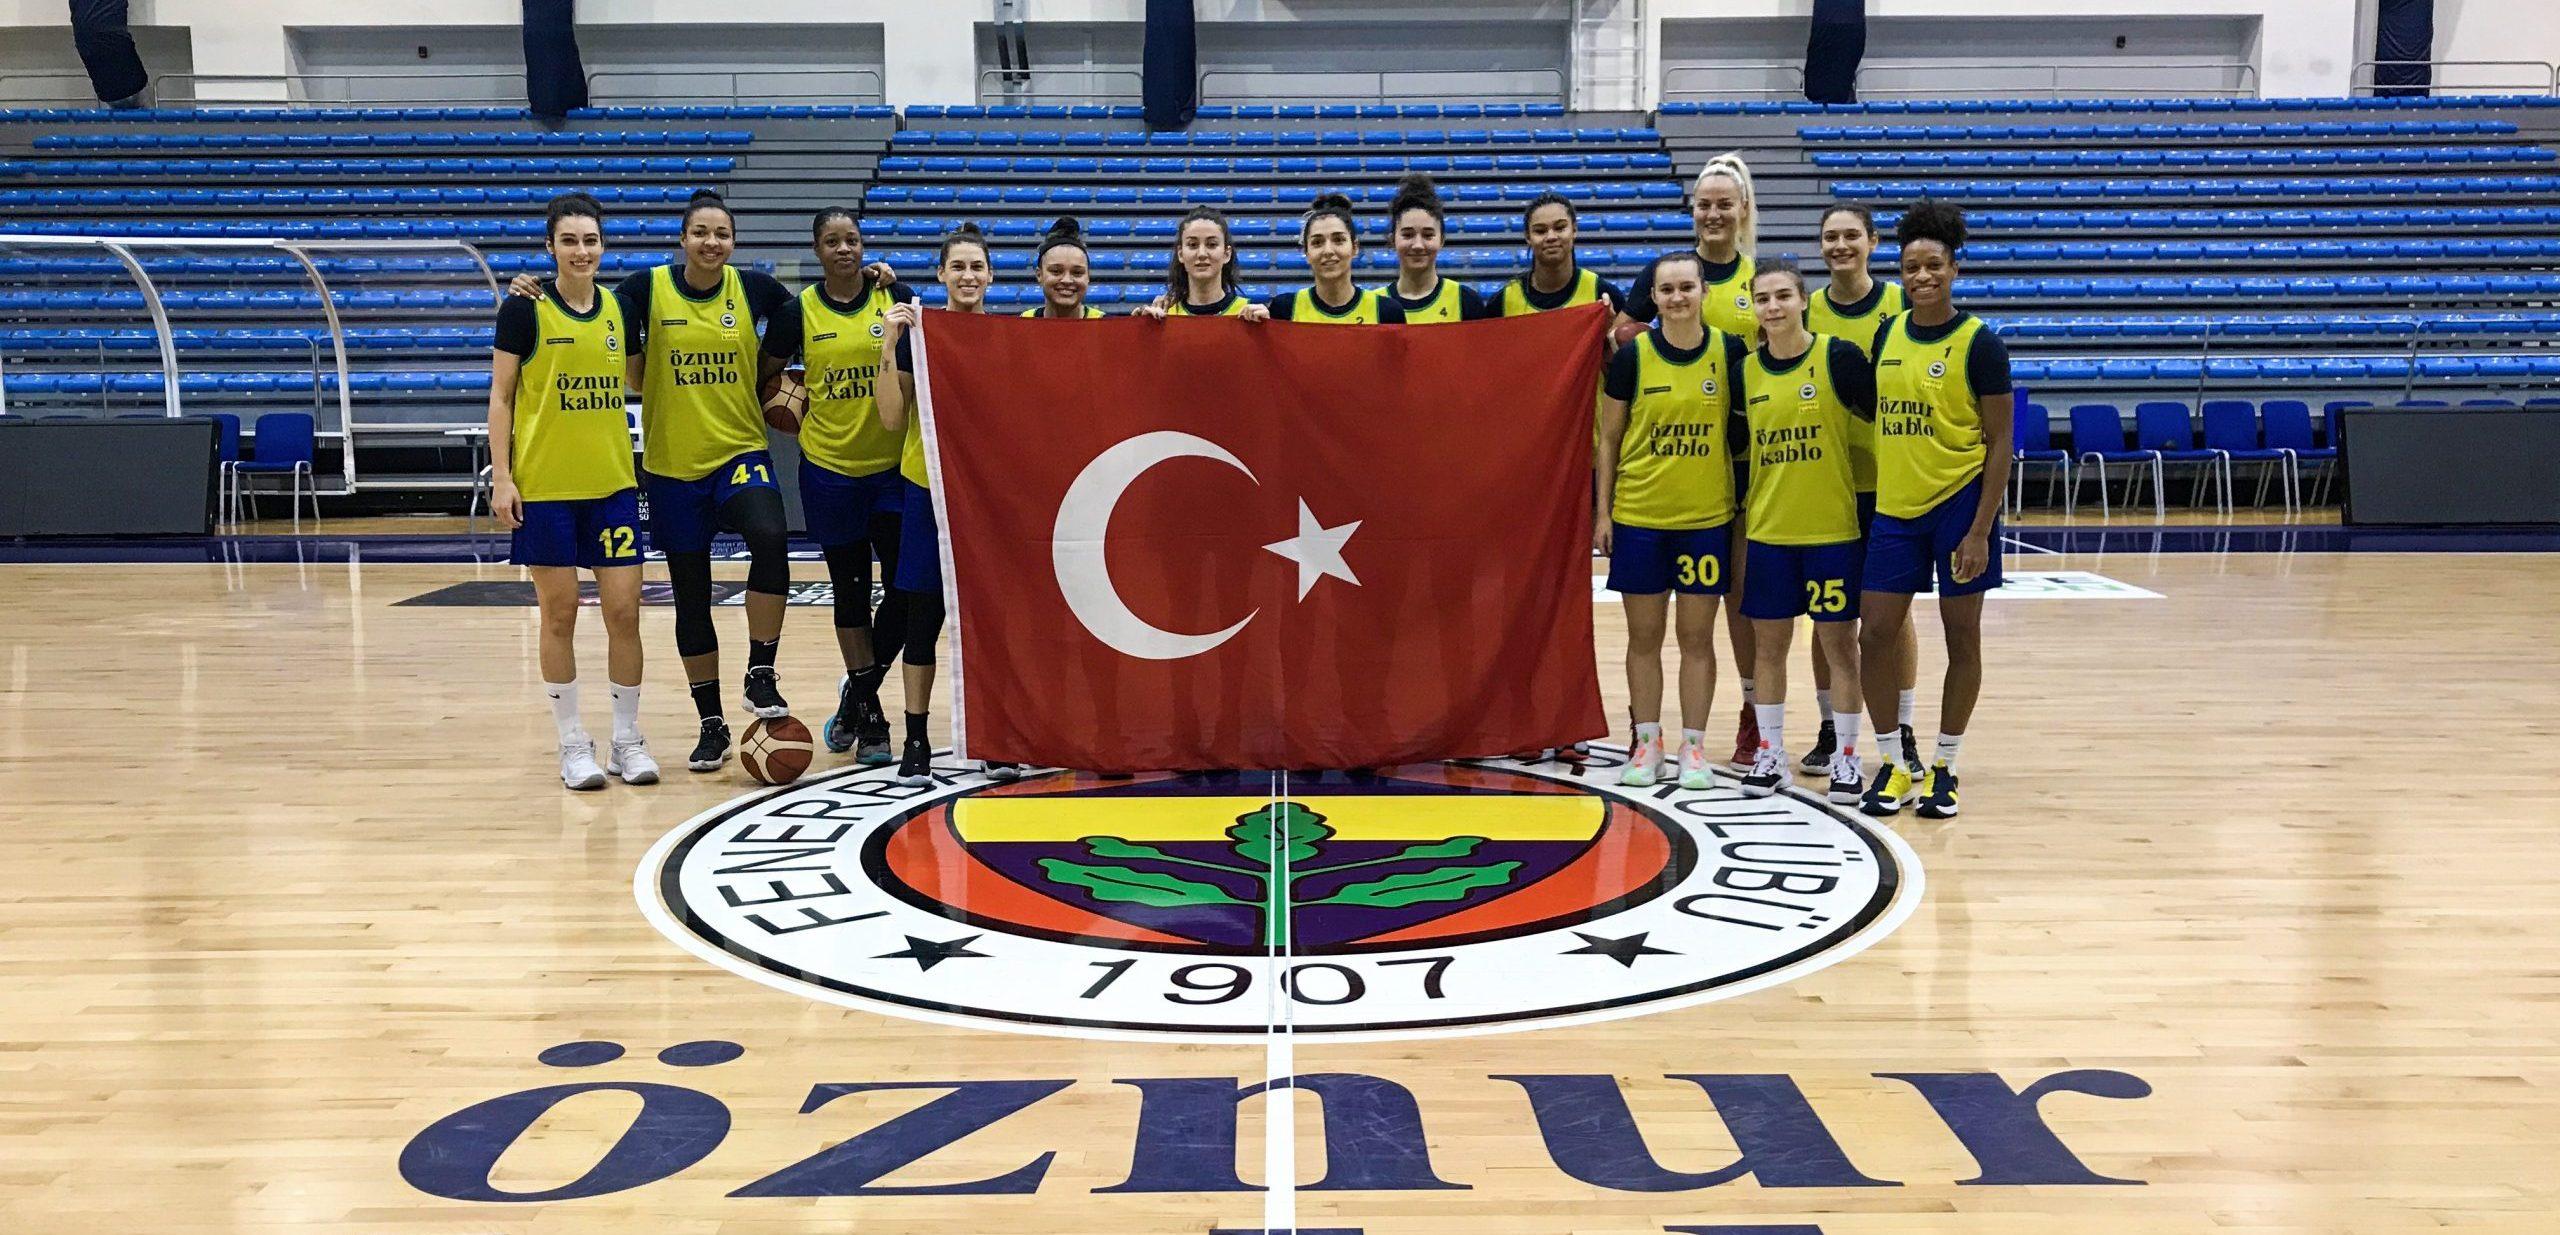 Satou Sabally, Kayla McBride y Jasmine Thomas, las rivales a batir en Turquía